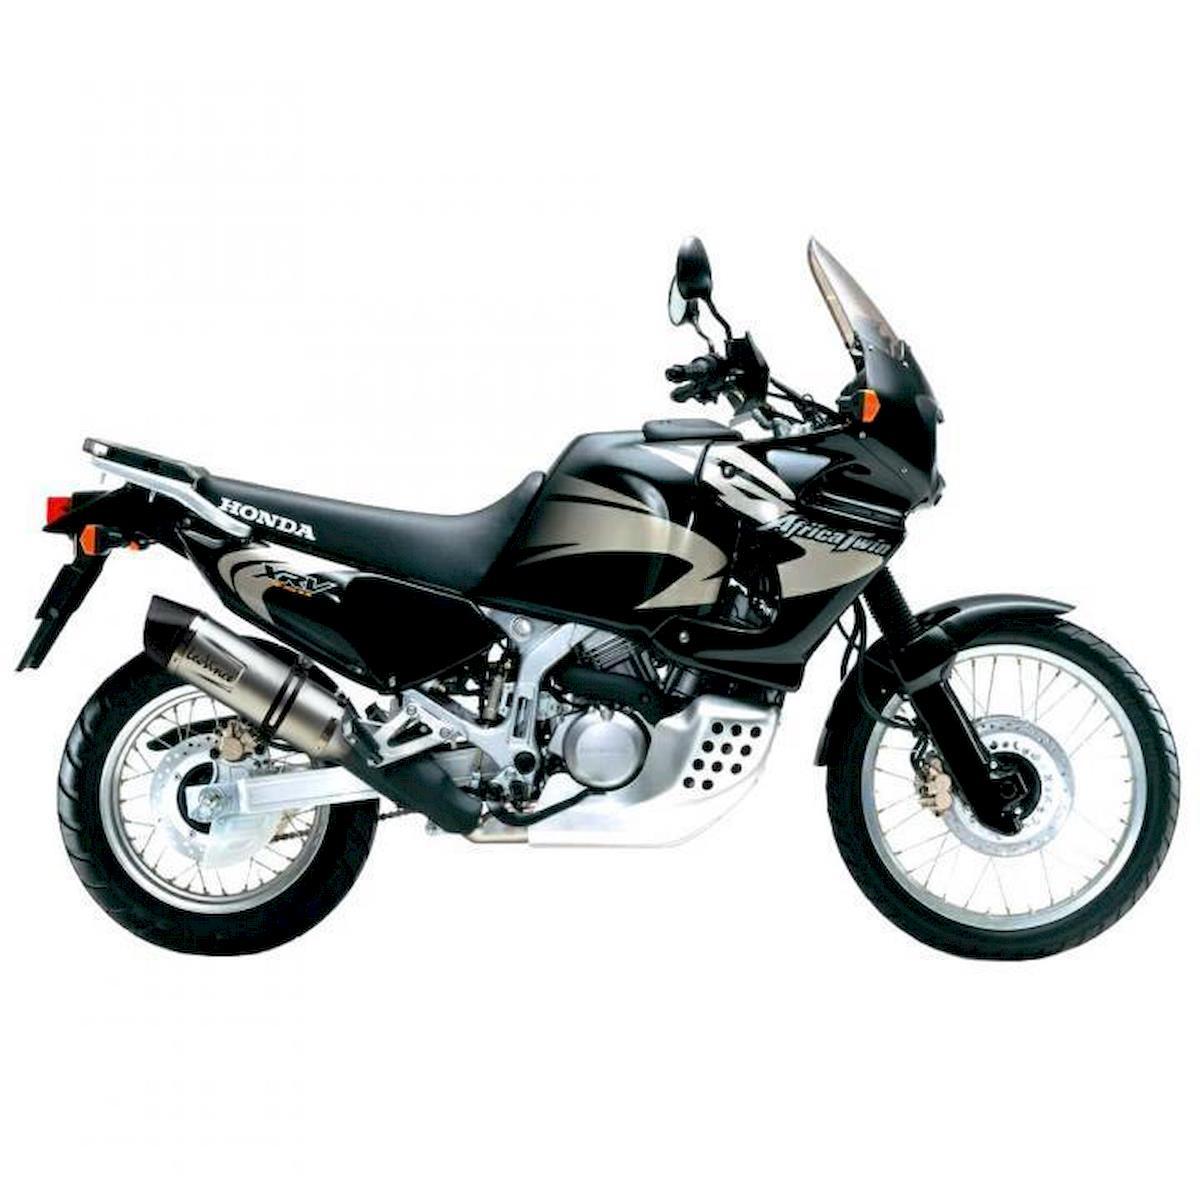 Image of HONDA XRV 750